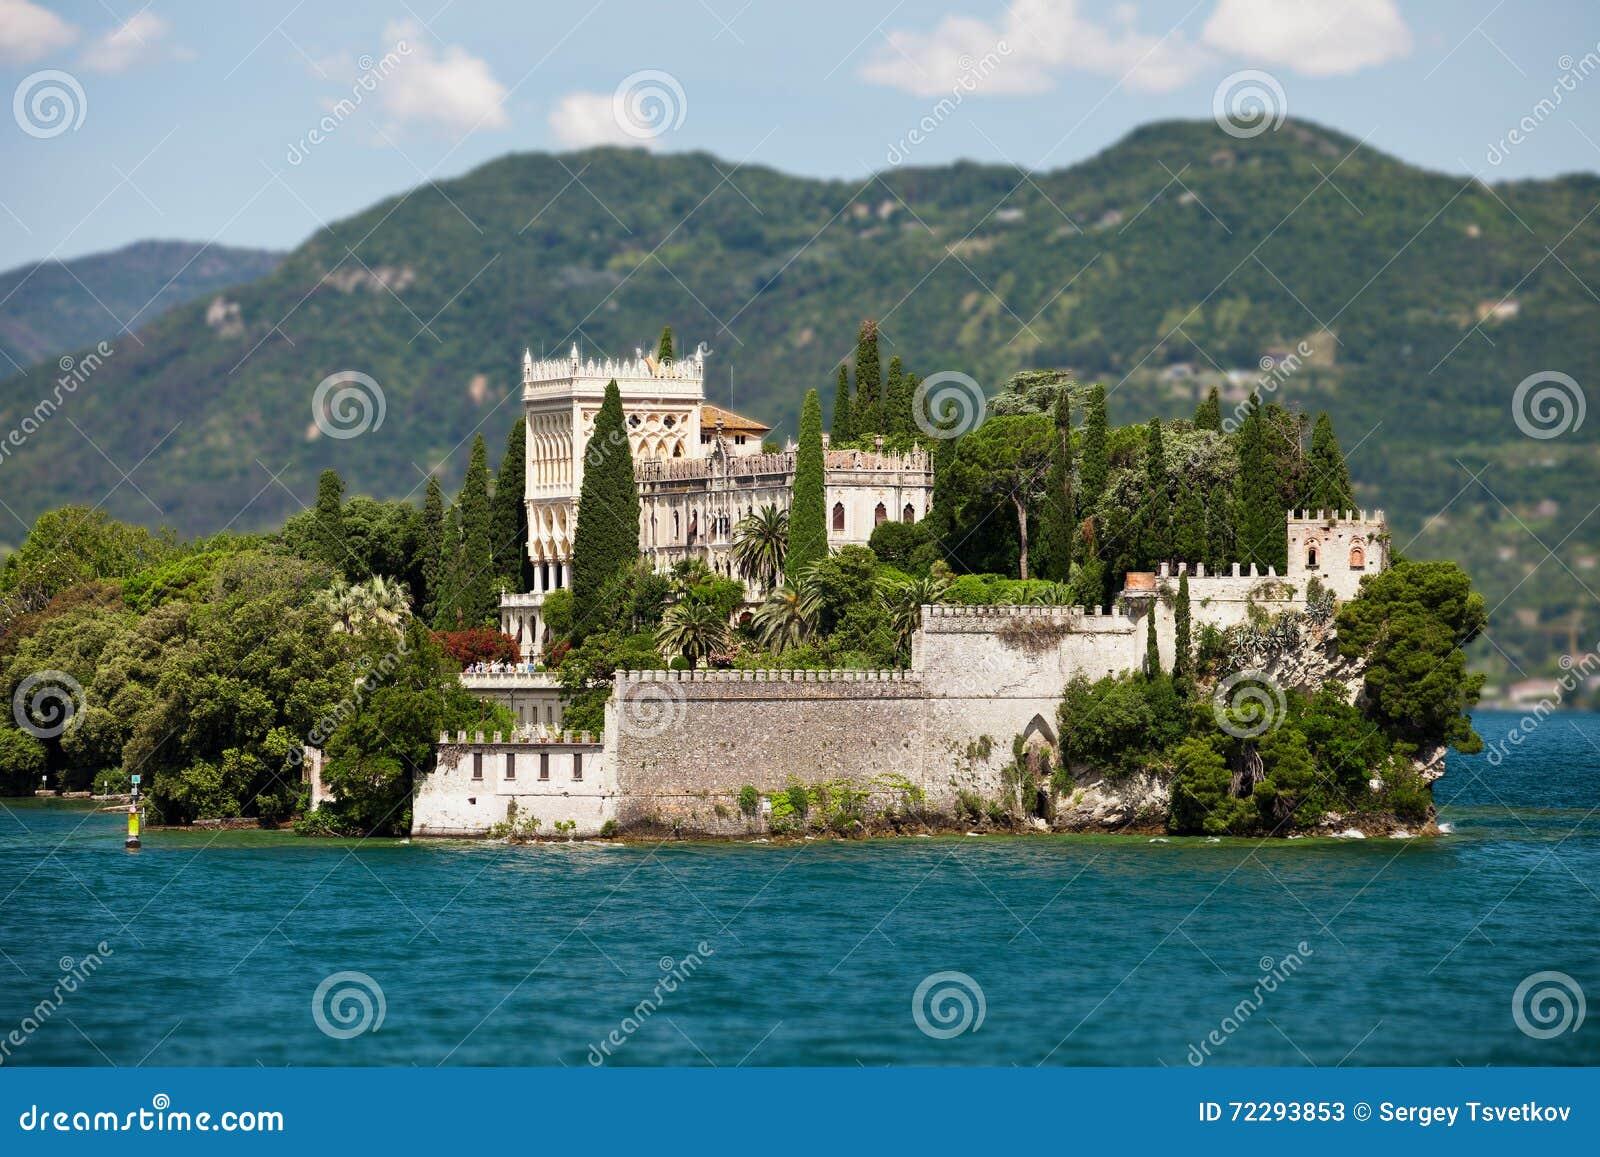 Download ОЗЕРО GARDA, ИТАЛИЯ - 15-ОЕ ИЮНЯ 2013: Вилла Cavazzi в венецианском Neogothic стиле на острове в озере Garda Редакционное Стоковое Фото - изображение насчитывающей италия, июнь: 72293853